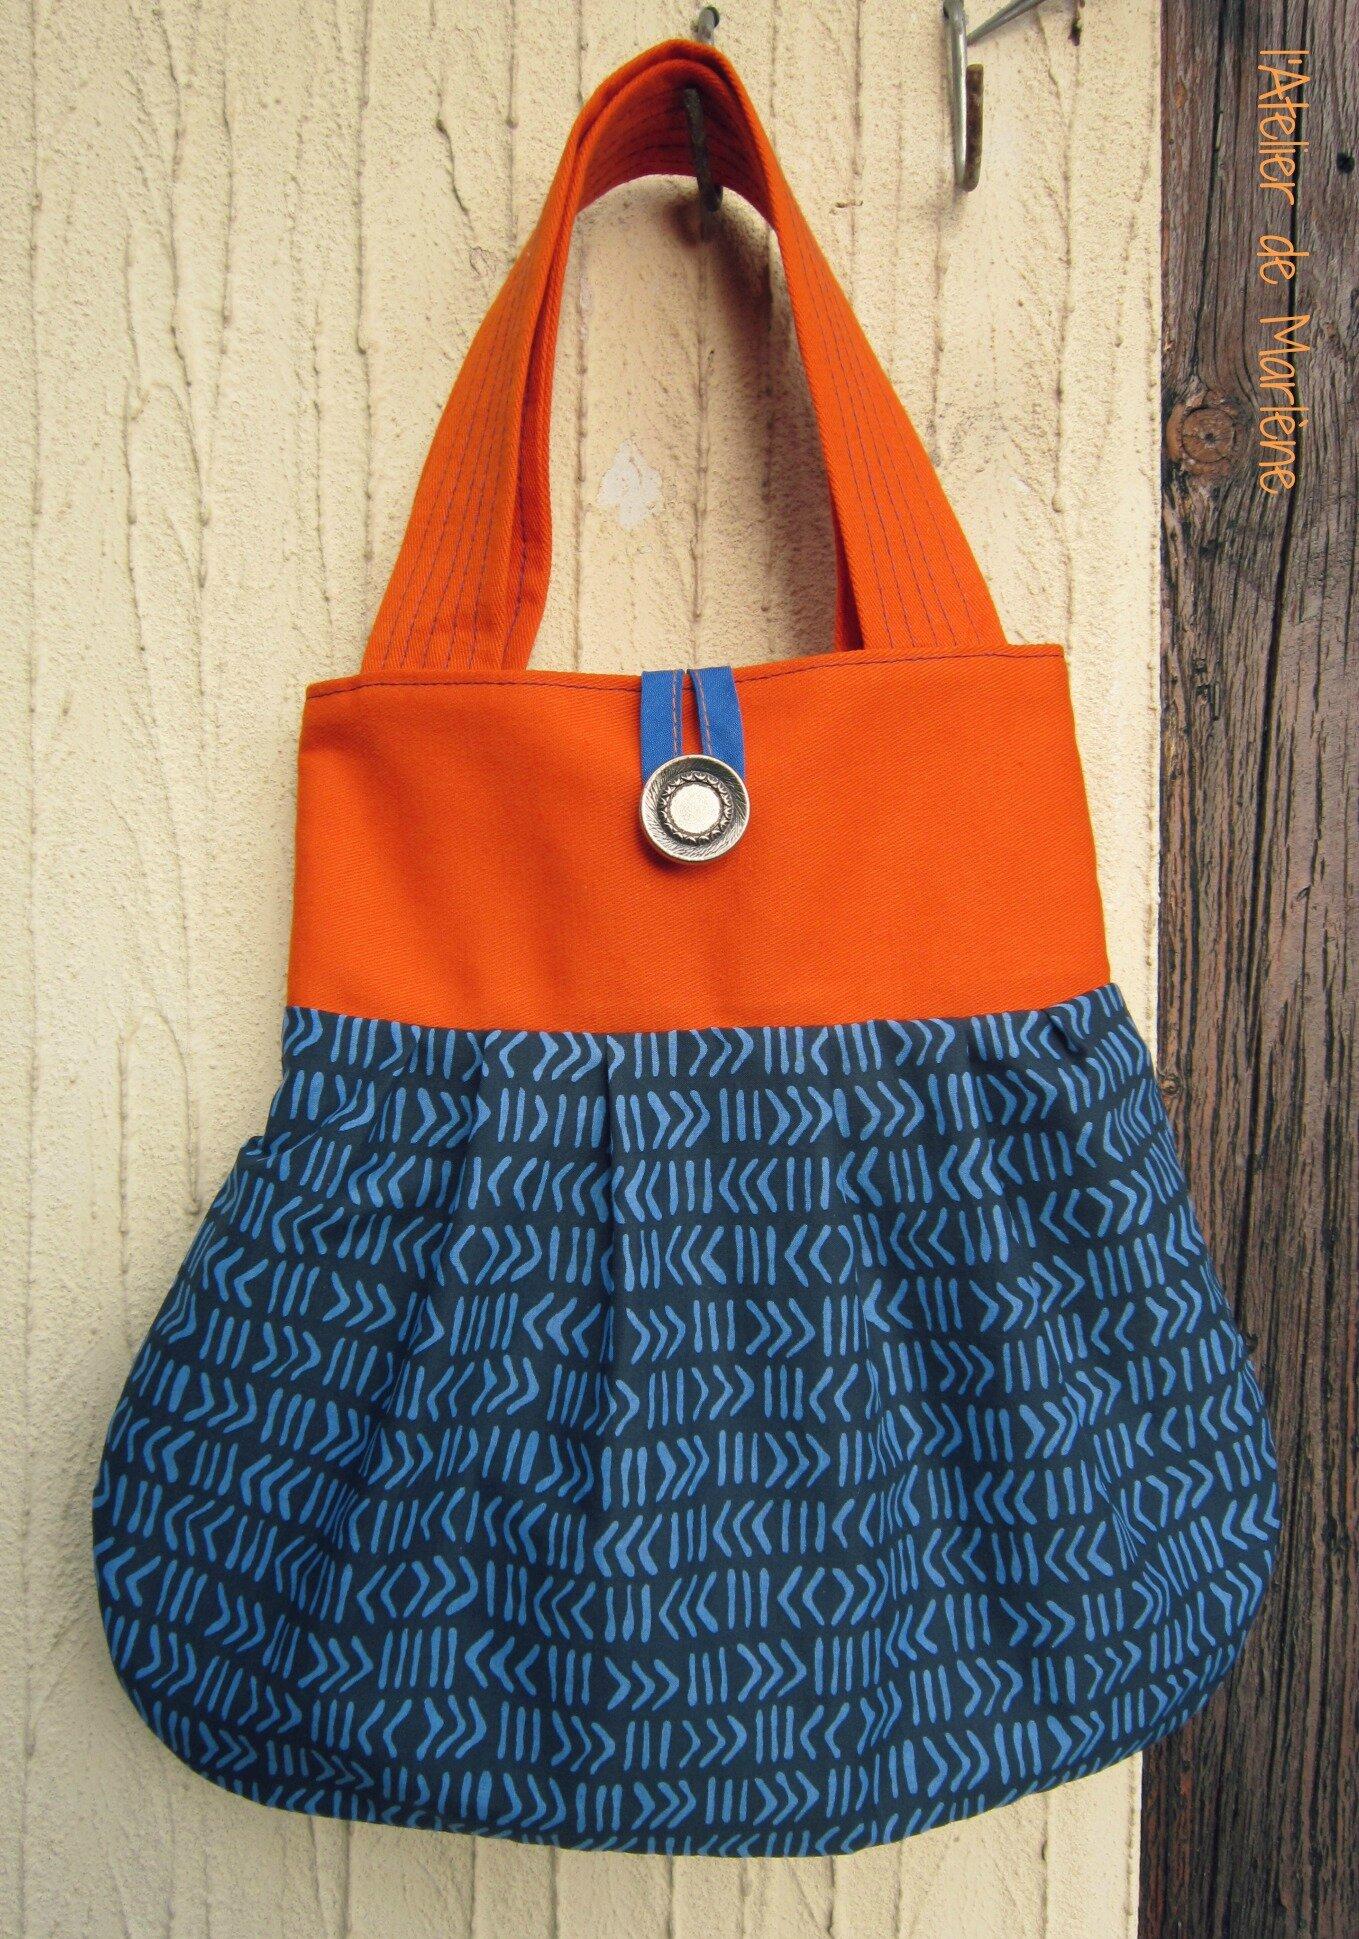 3 - sac orange et bleu été